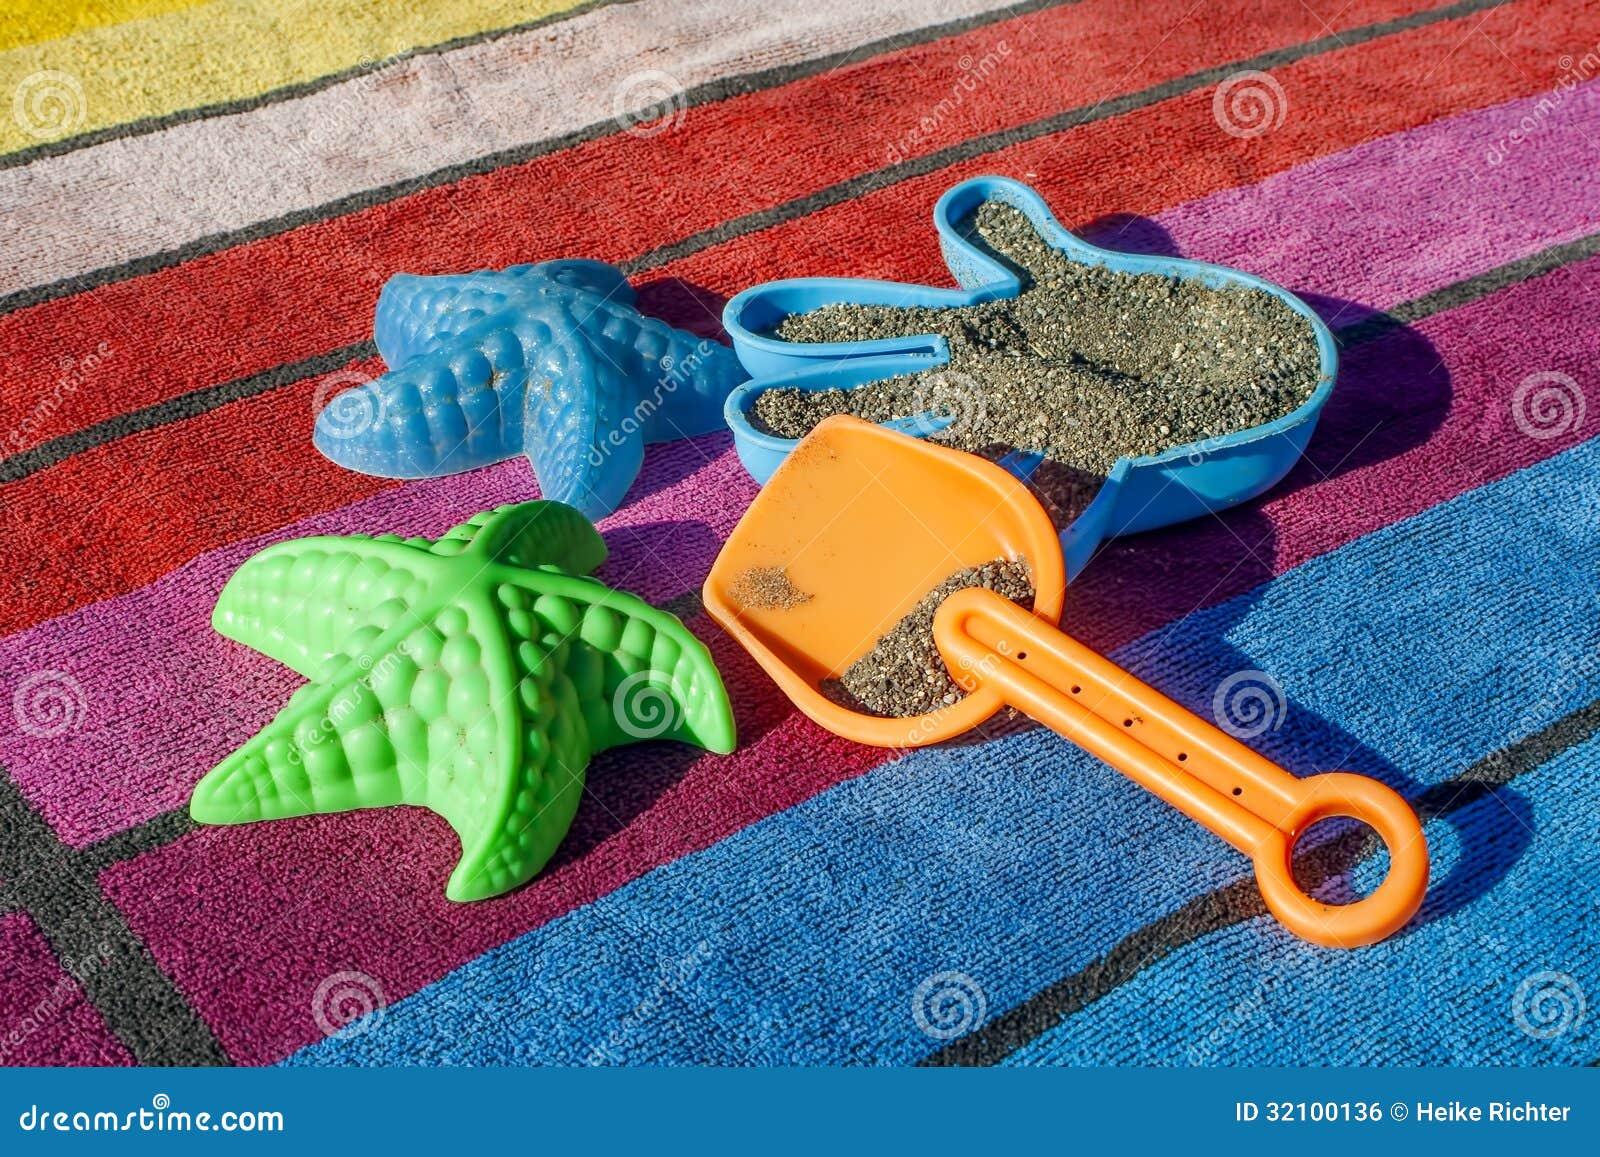 Beach Towel Clip Art Colorful plastic beach toys on